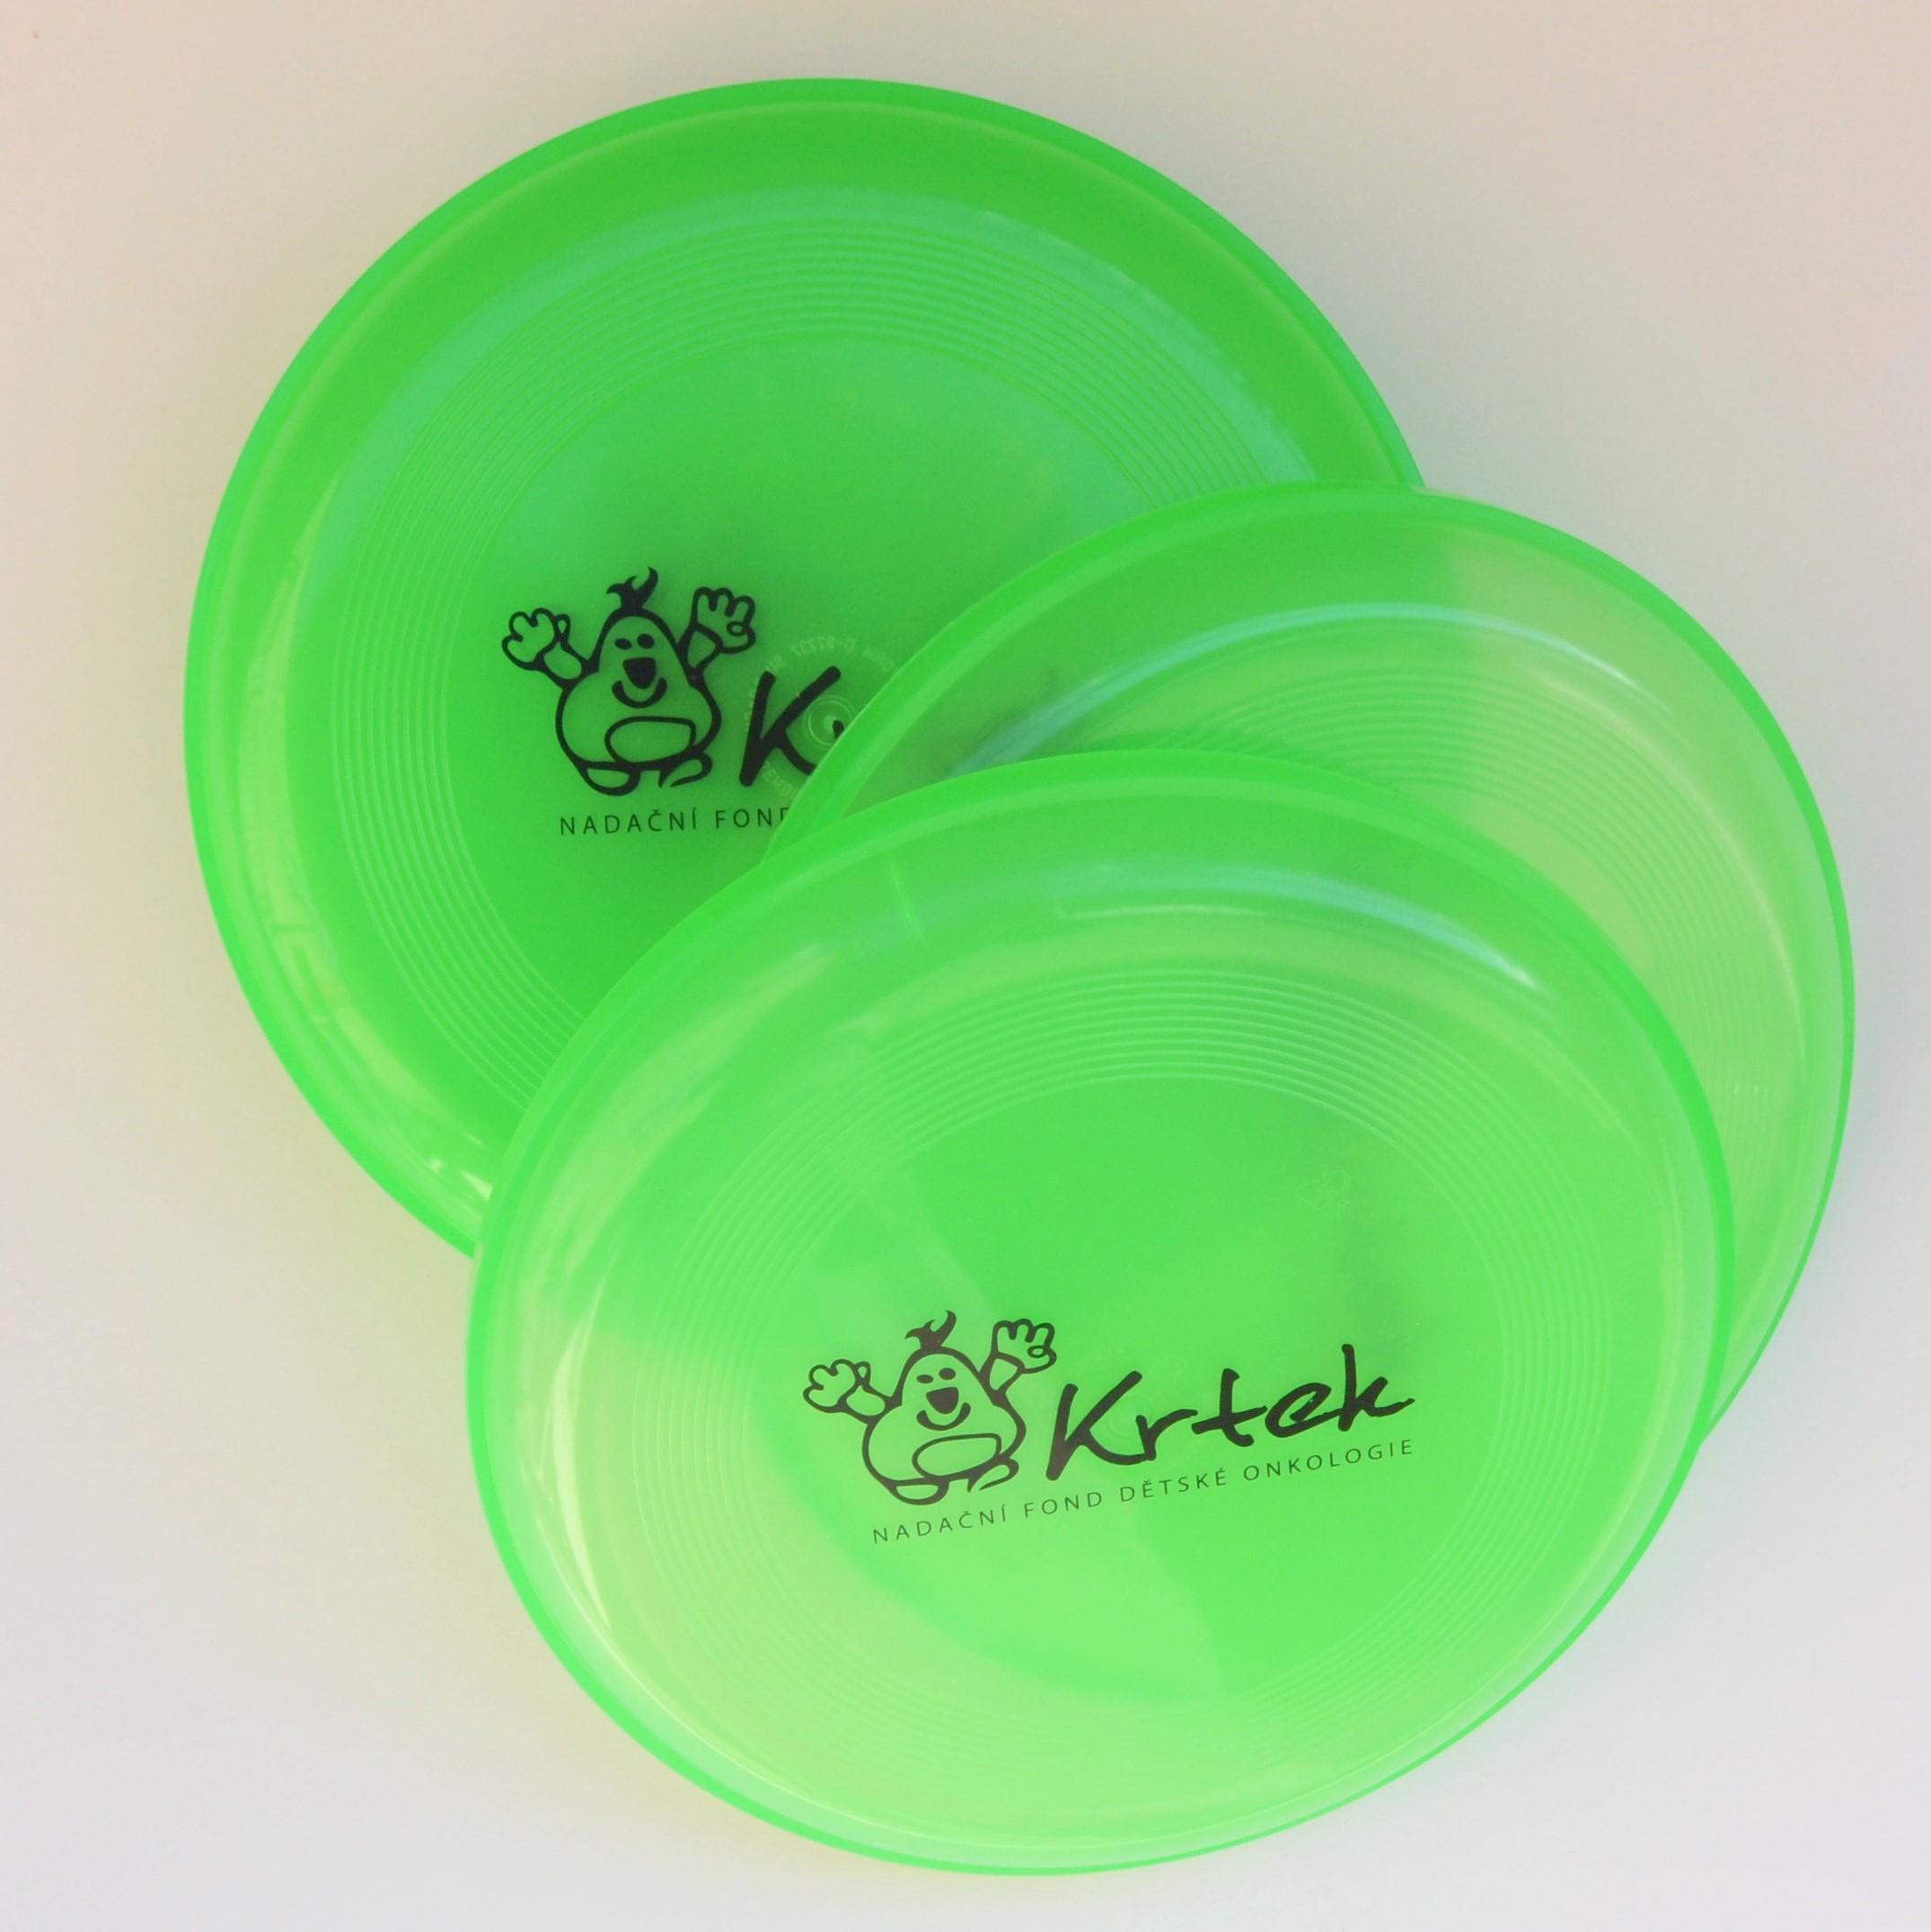 frisbee (50,- Kč)